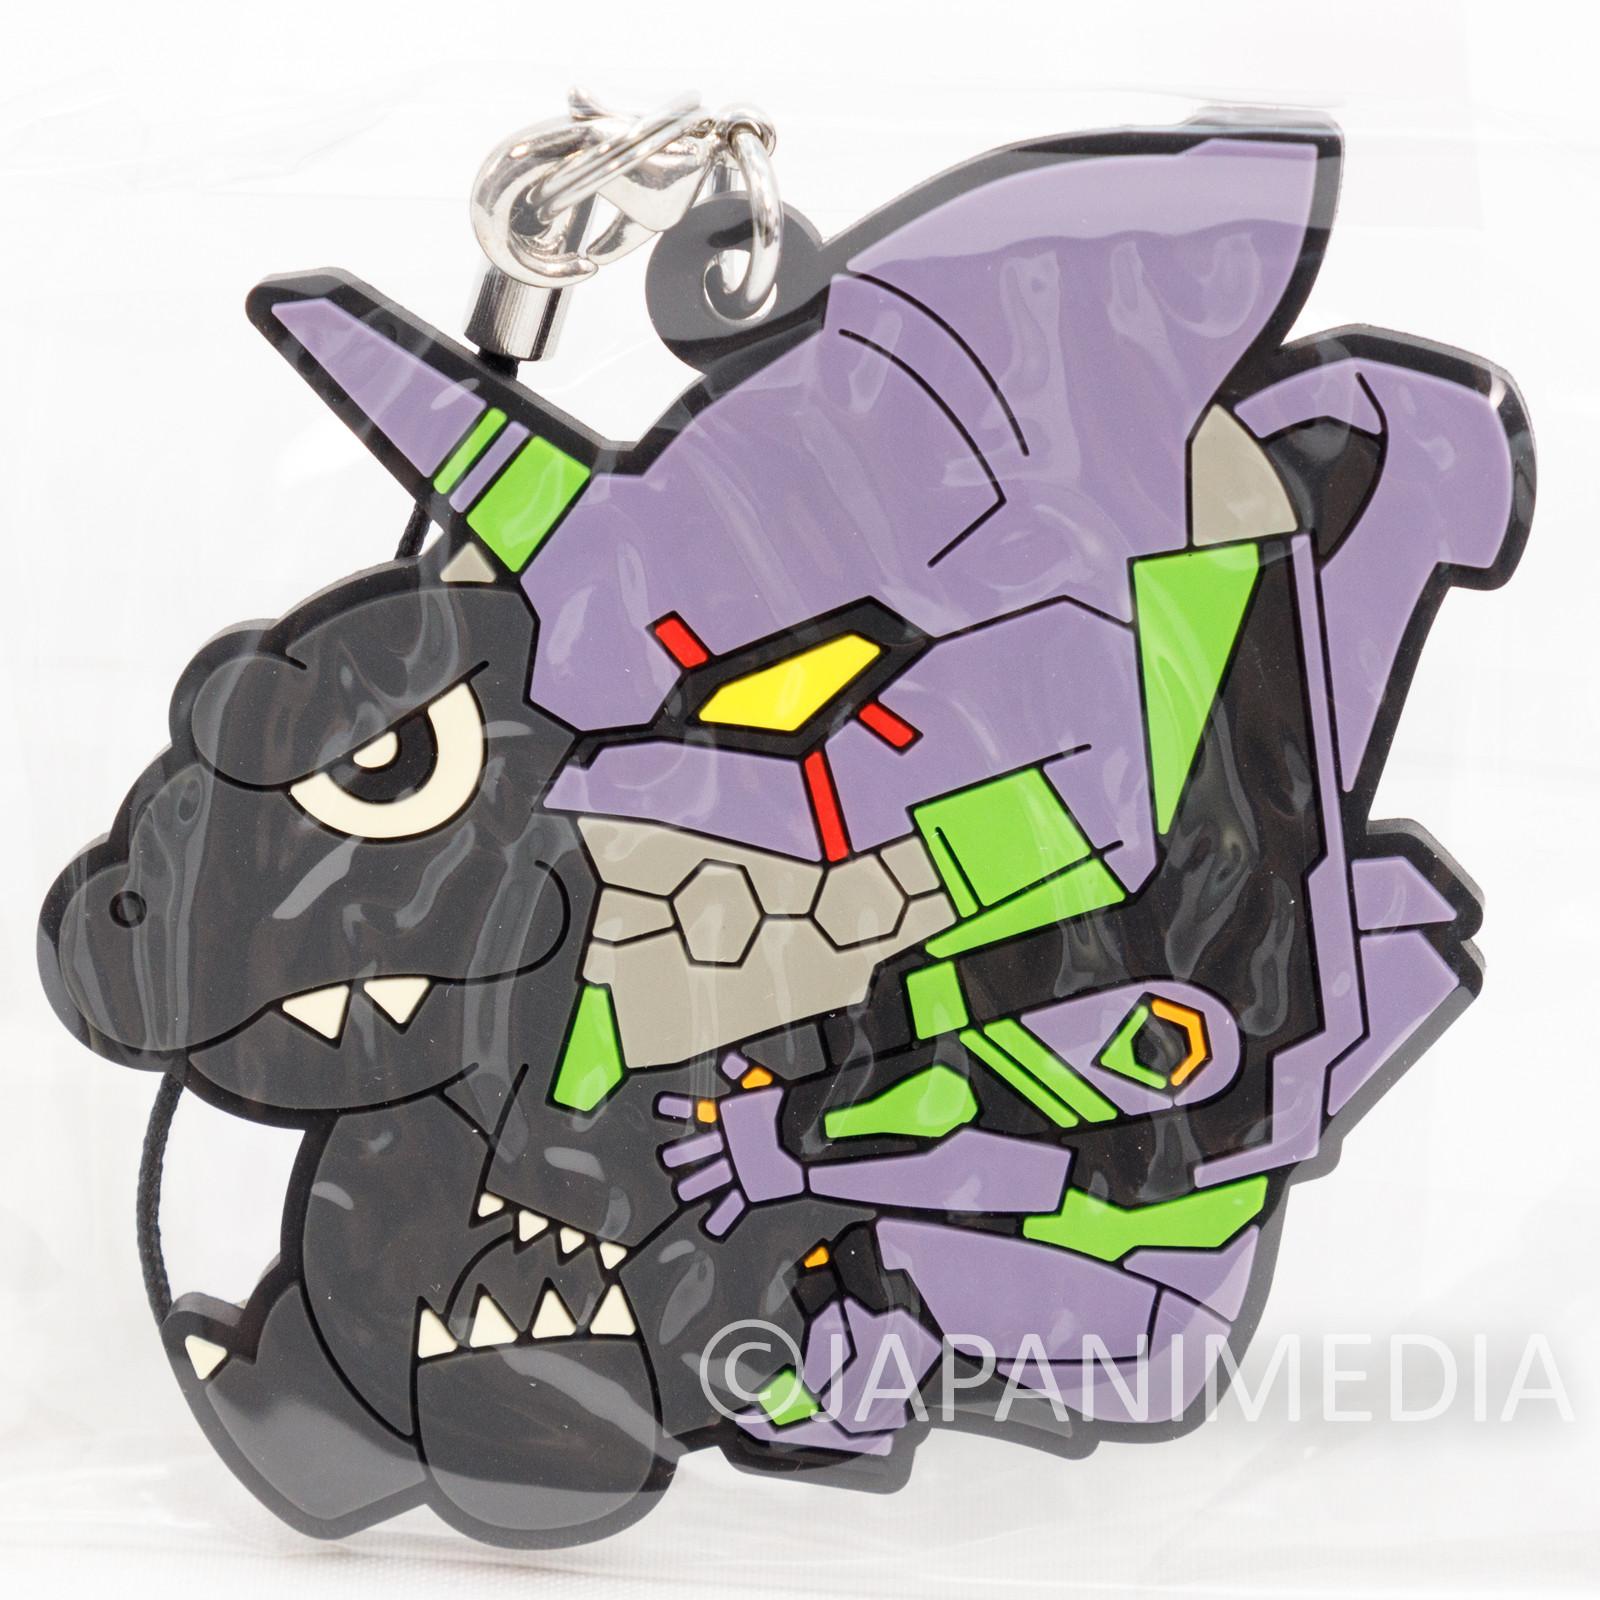 Evangelion EVA-01 x Godzilla Mascot Rubber Strap JAPAN 2